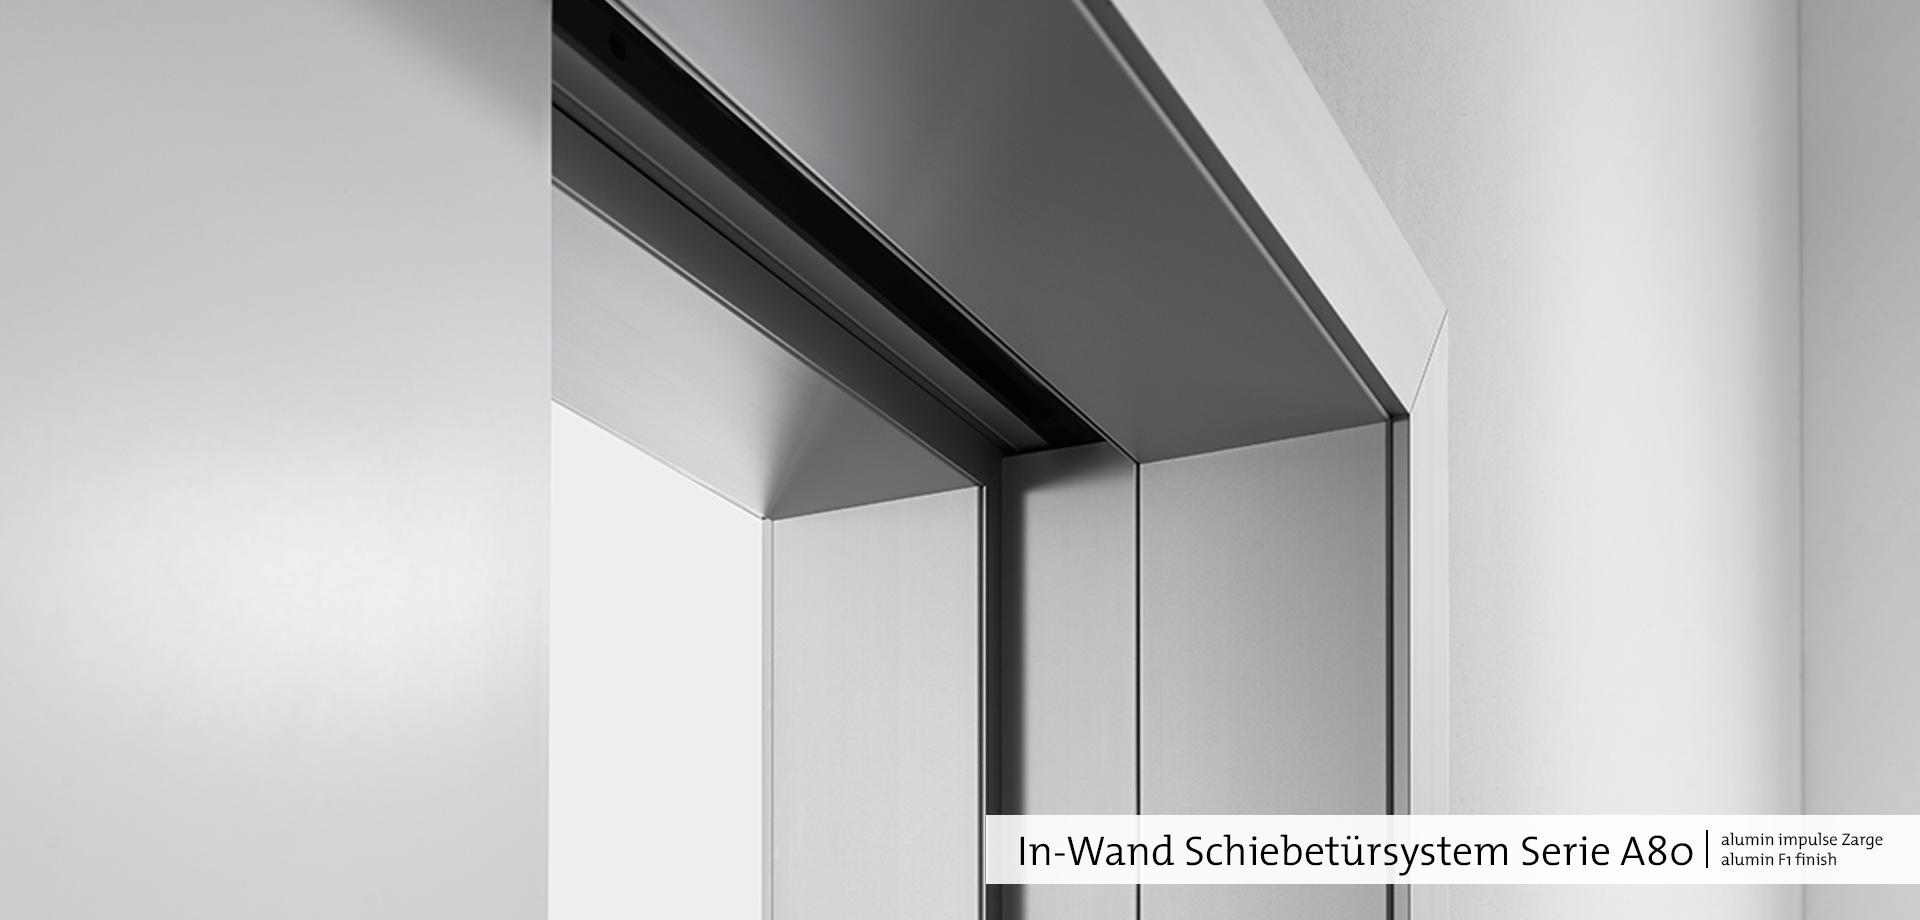 In-Wand Schiebetürsystem A80